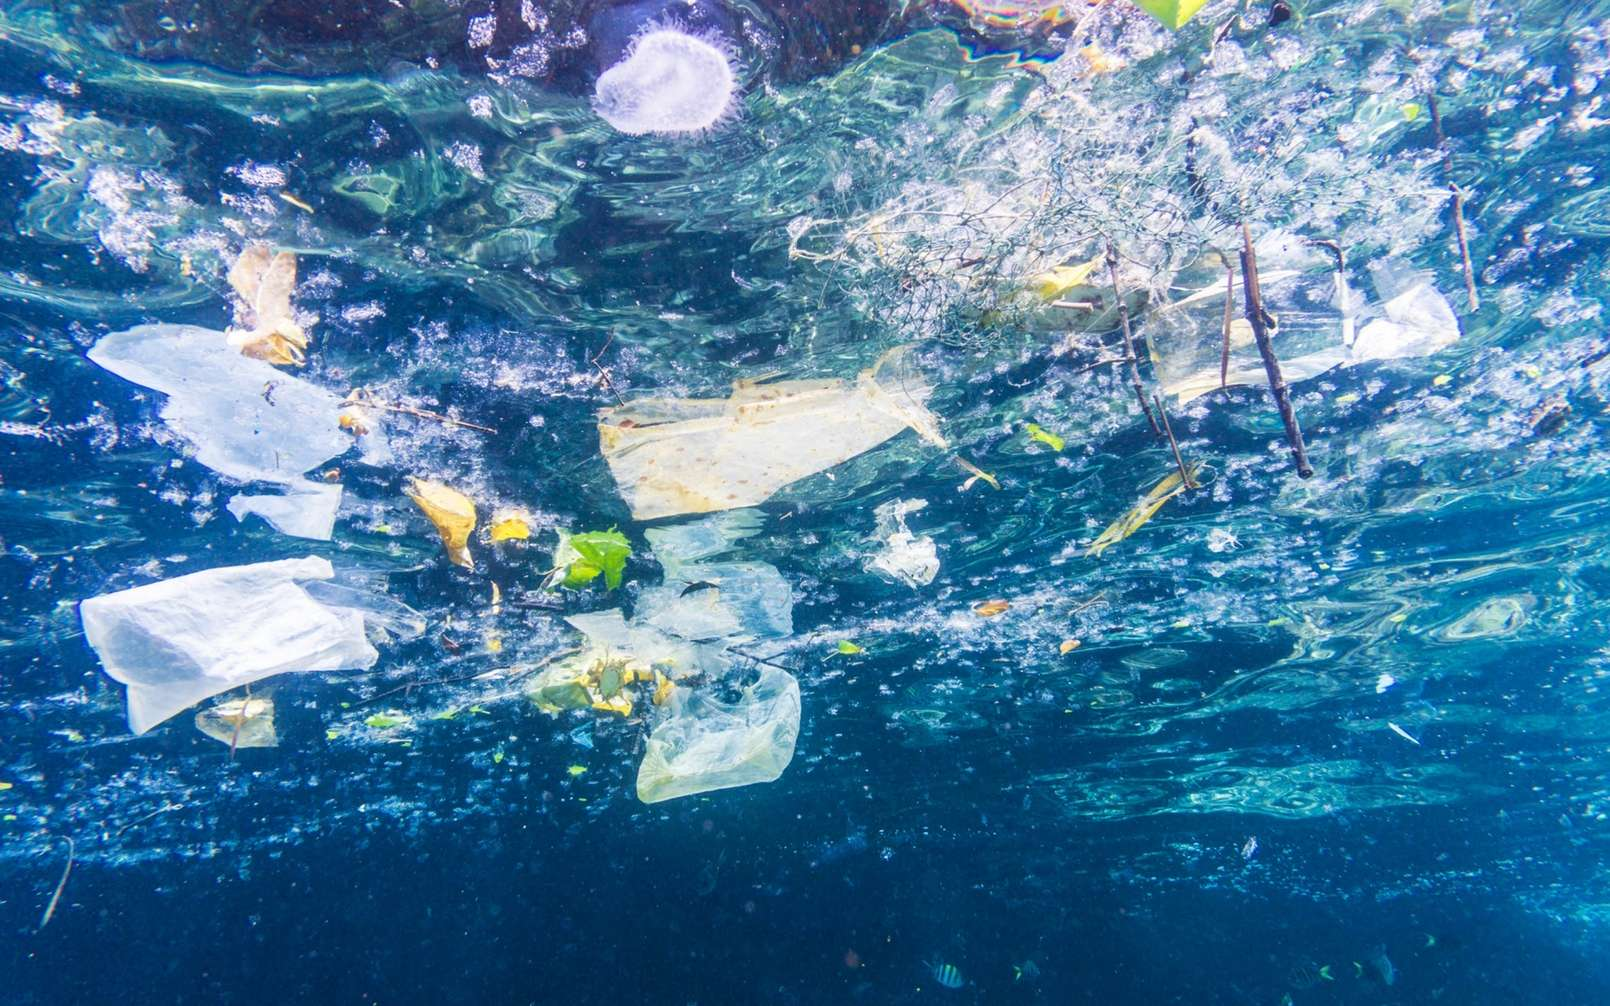 L'ingestion de microplastiques par l'organisme humain atteint des proportions inquiétantes. © Placebo365, IStock.com